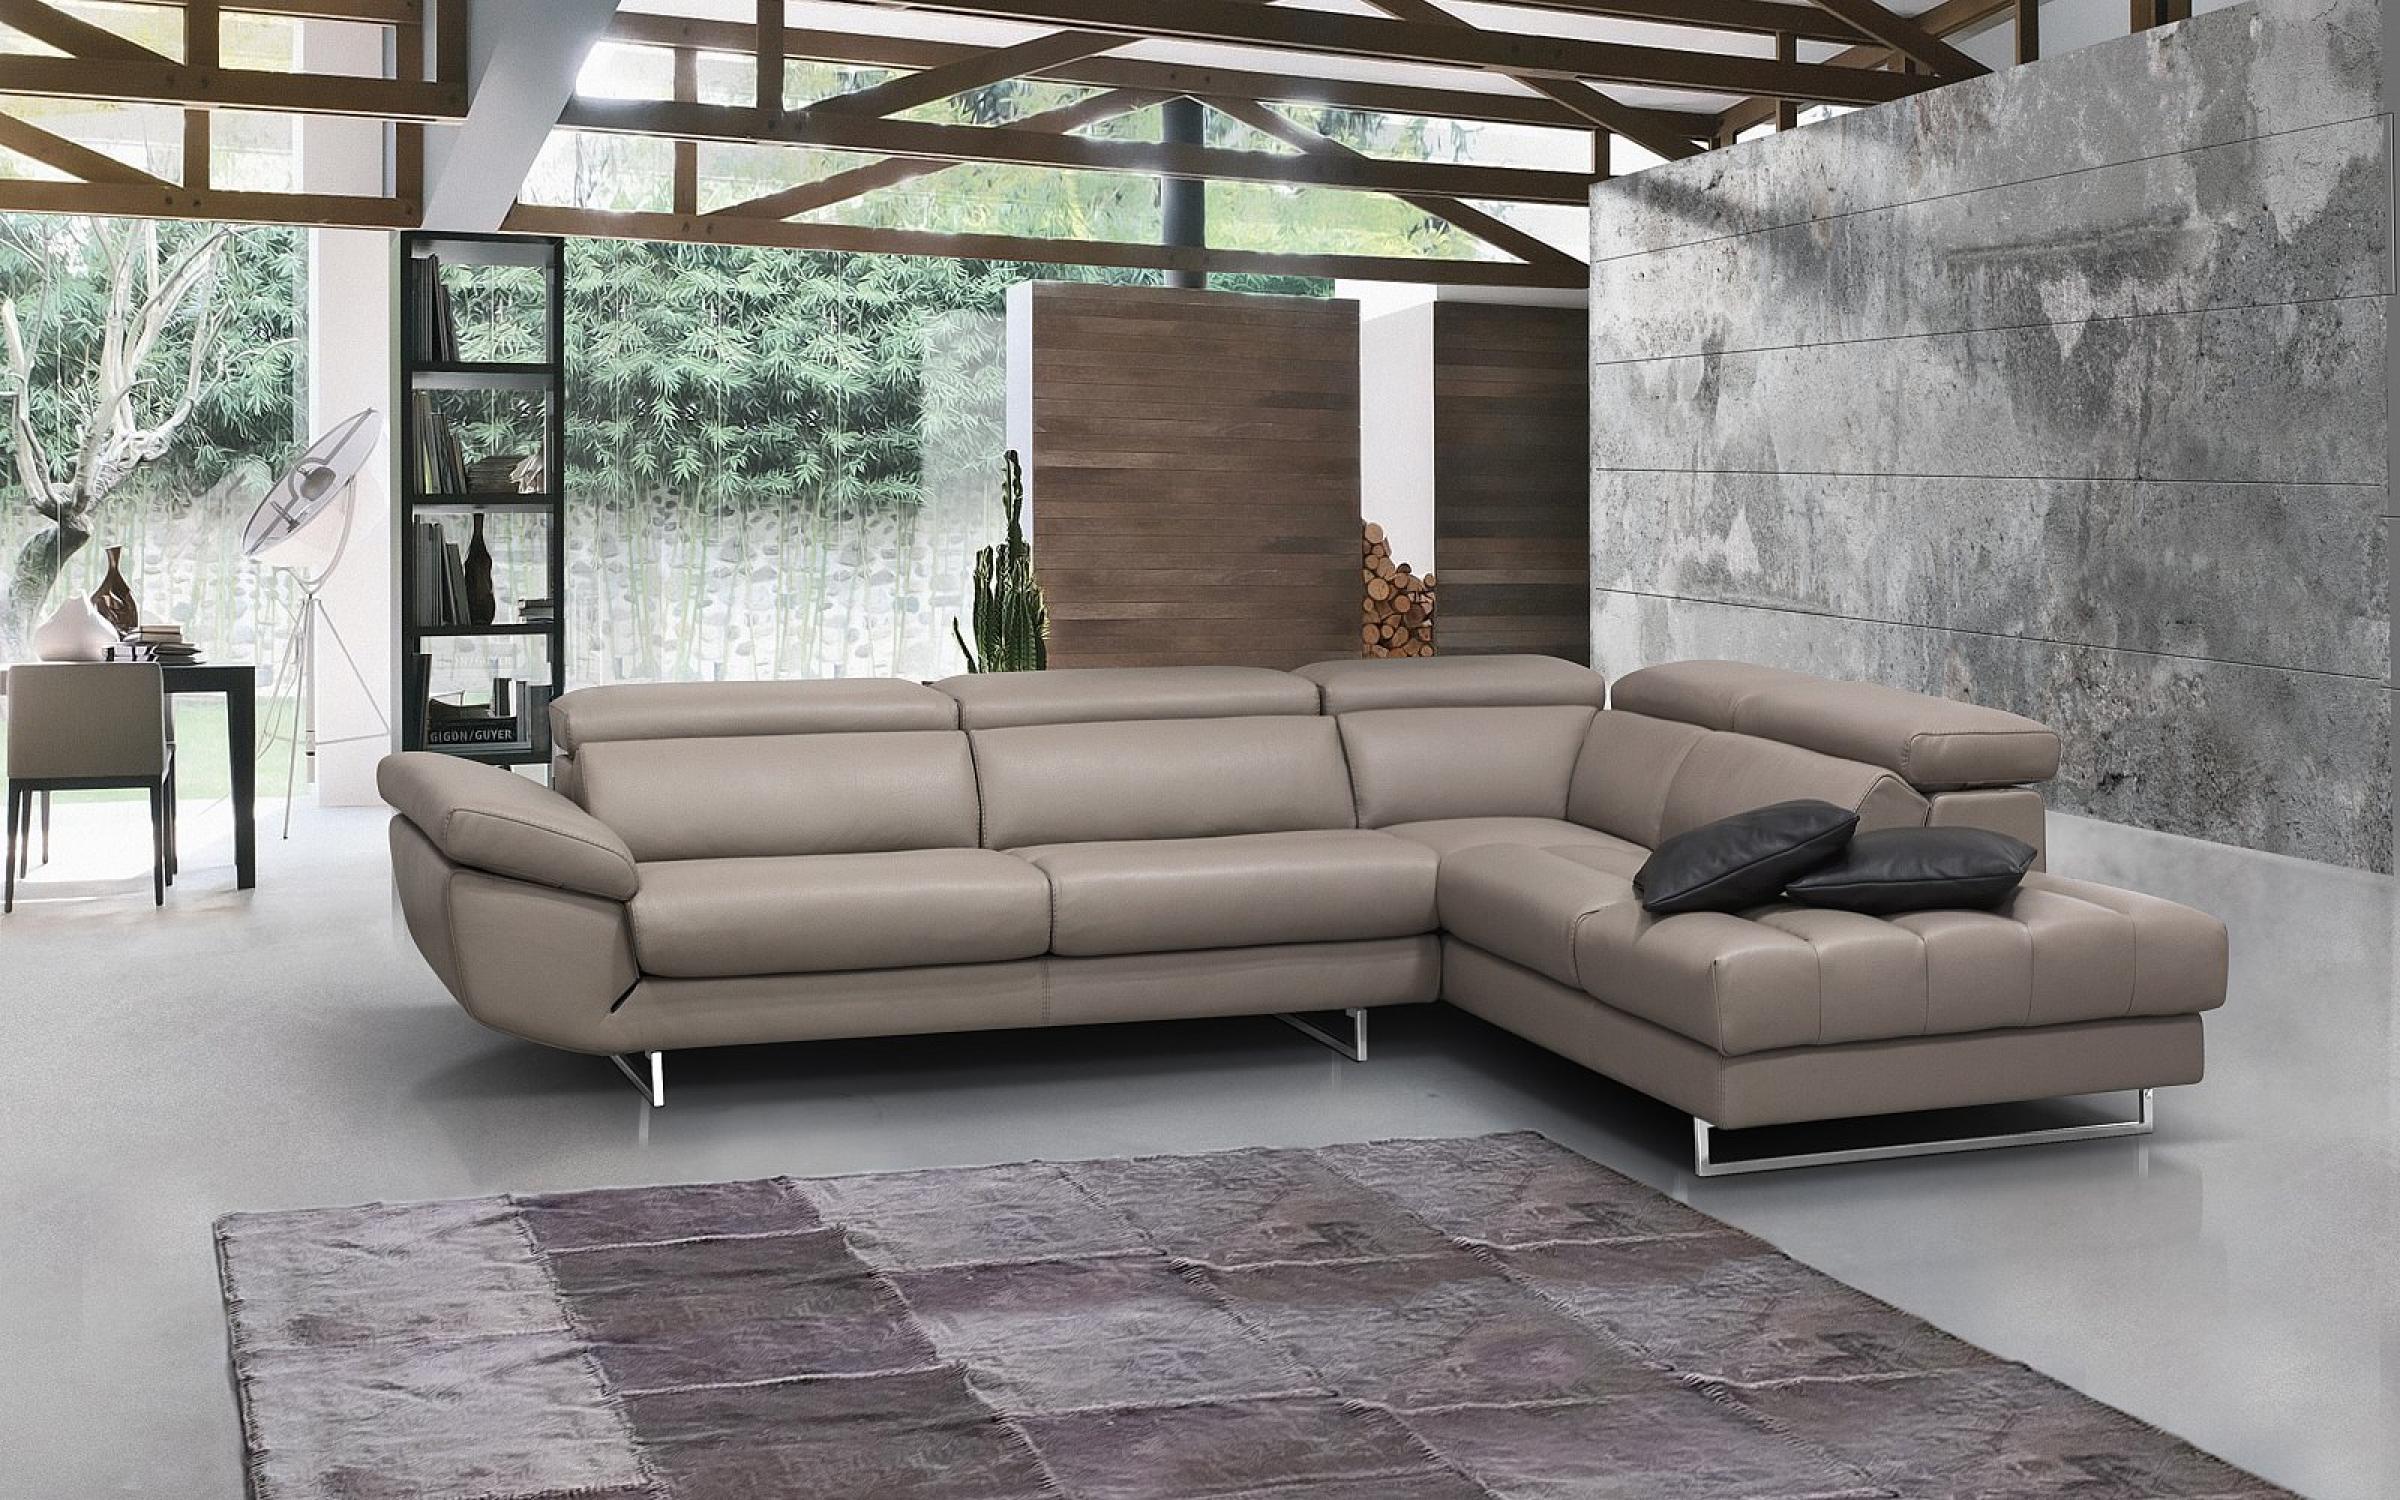 canap porsche univers canap. Black Bedroom Furniture Sets. Home Design Ideas